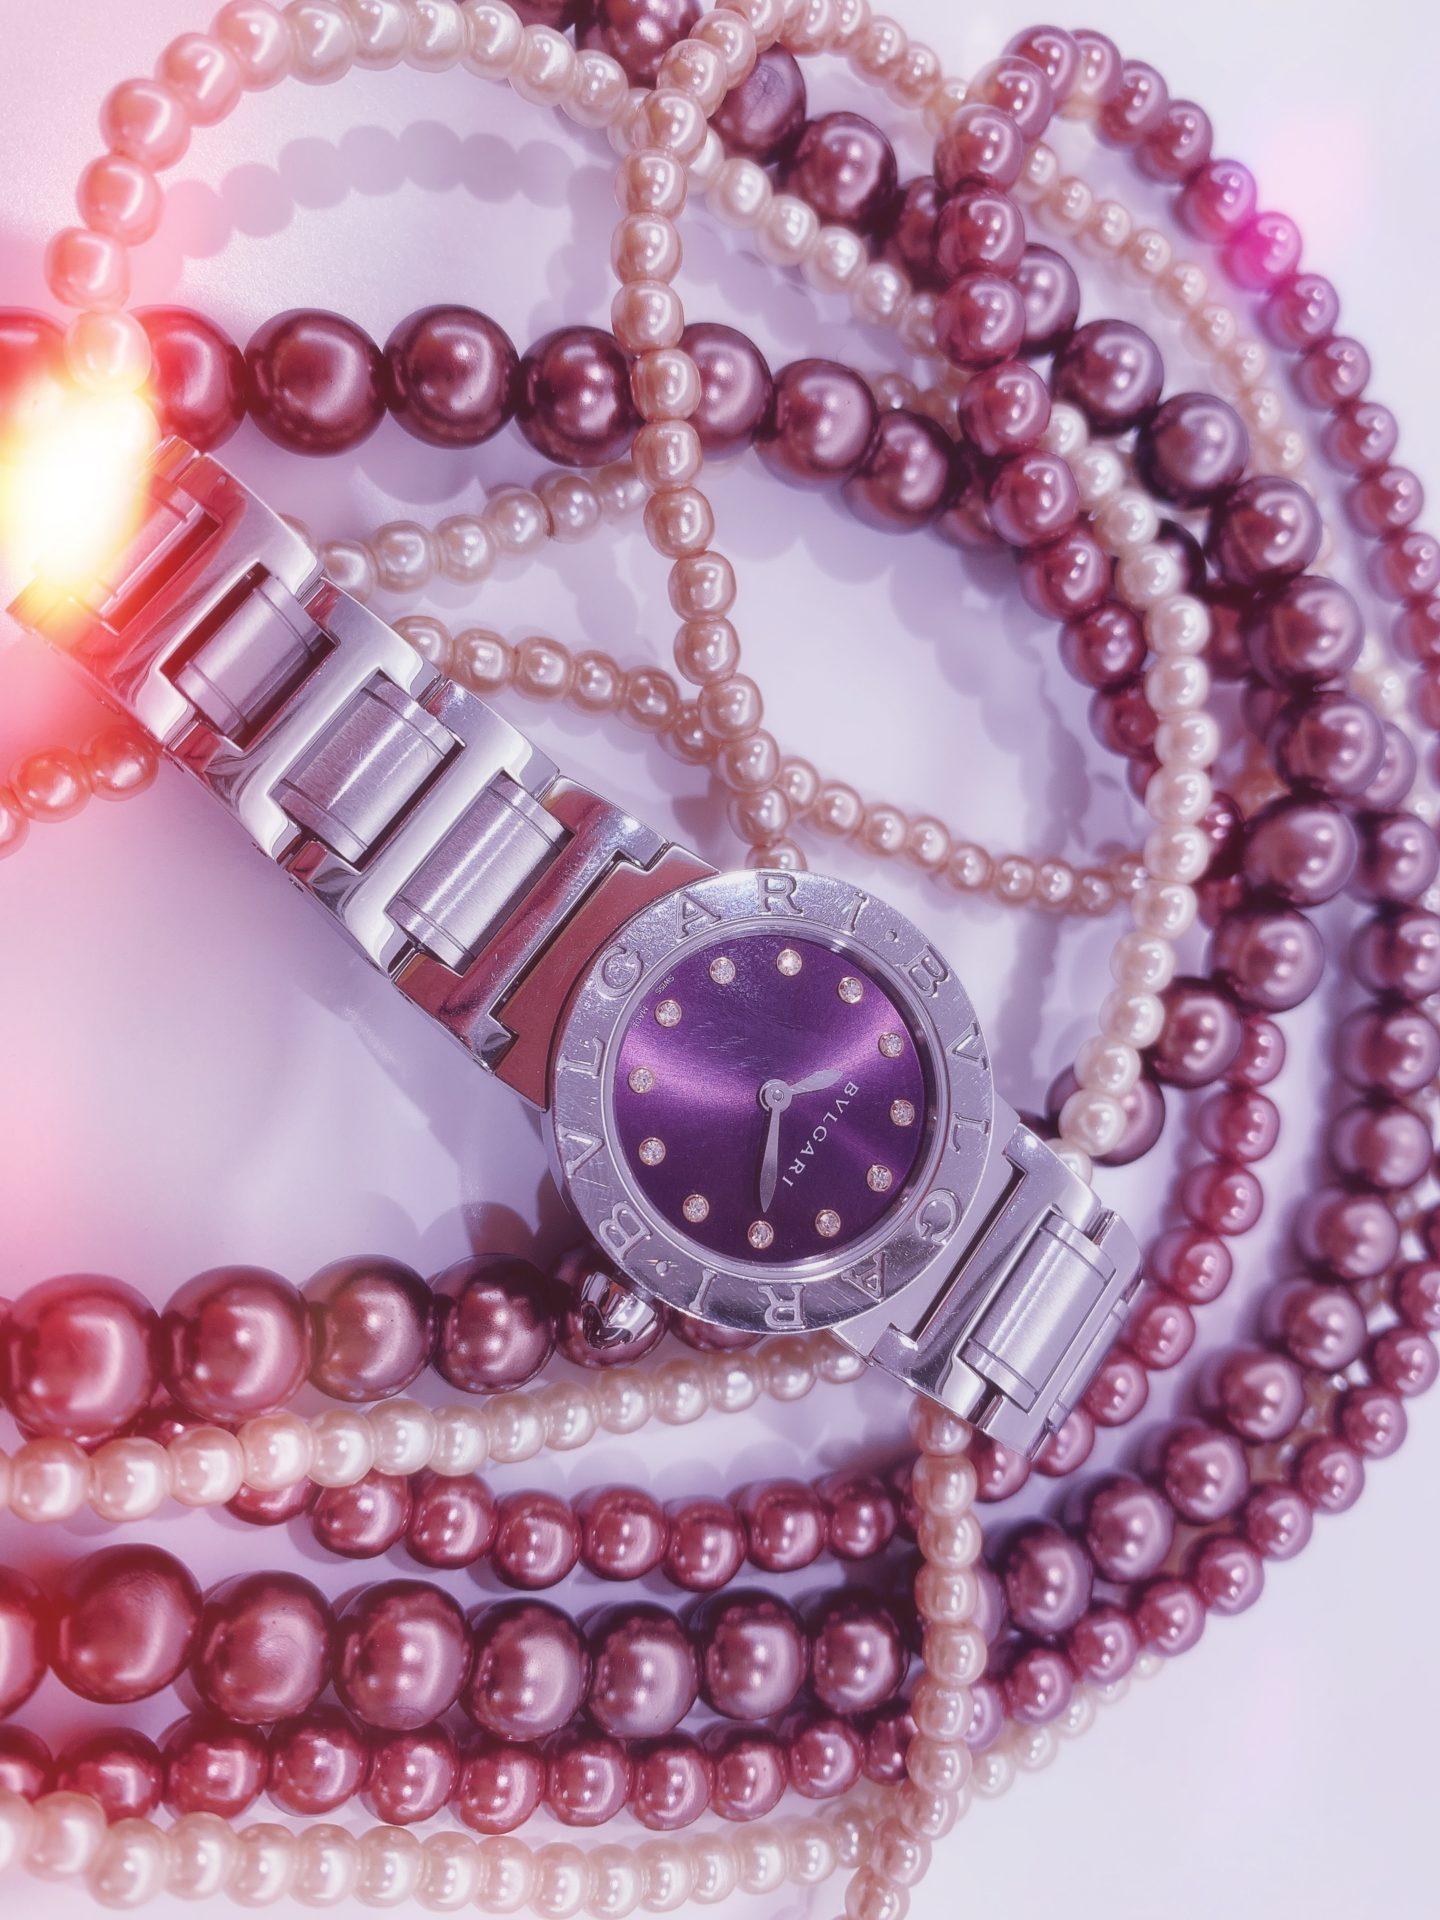 【盛岡 時計 販売】「BVLGARI(ブルガリ)」ブルガリブルガリ BBL26S クオーツ時計